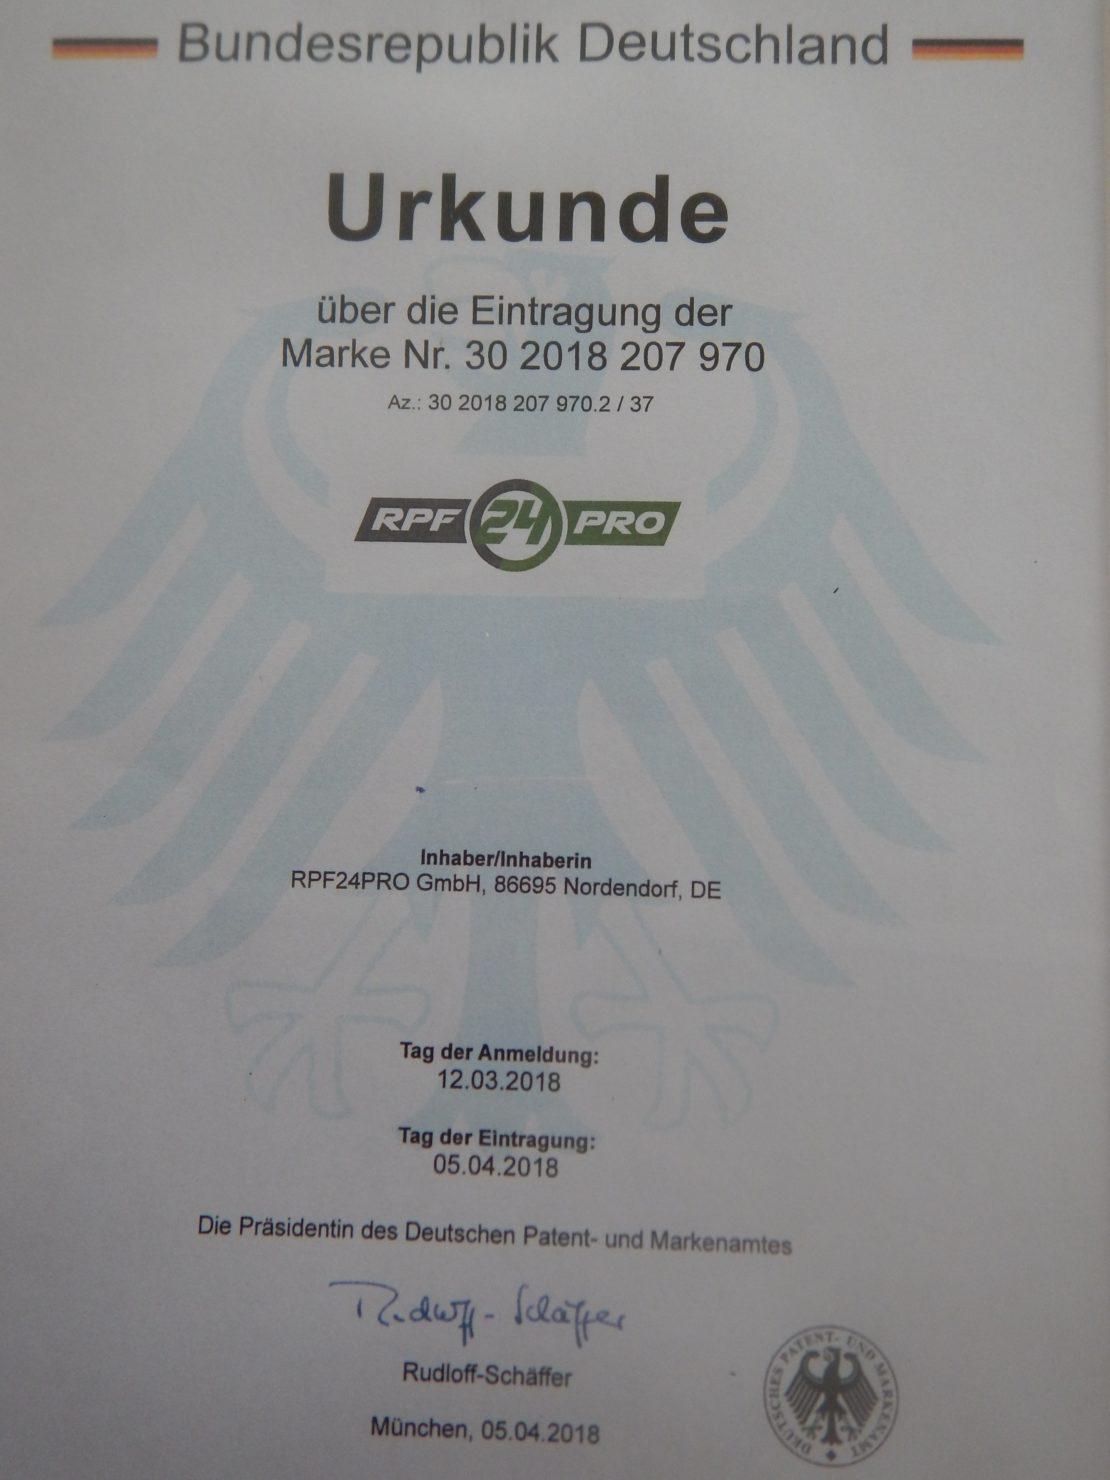 rpf24pro-markenname-dpf-reinigung-brd